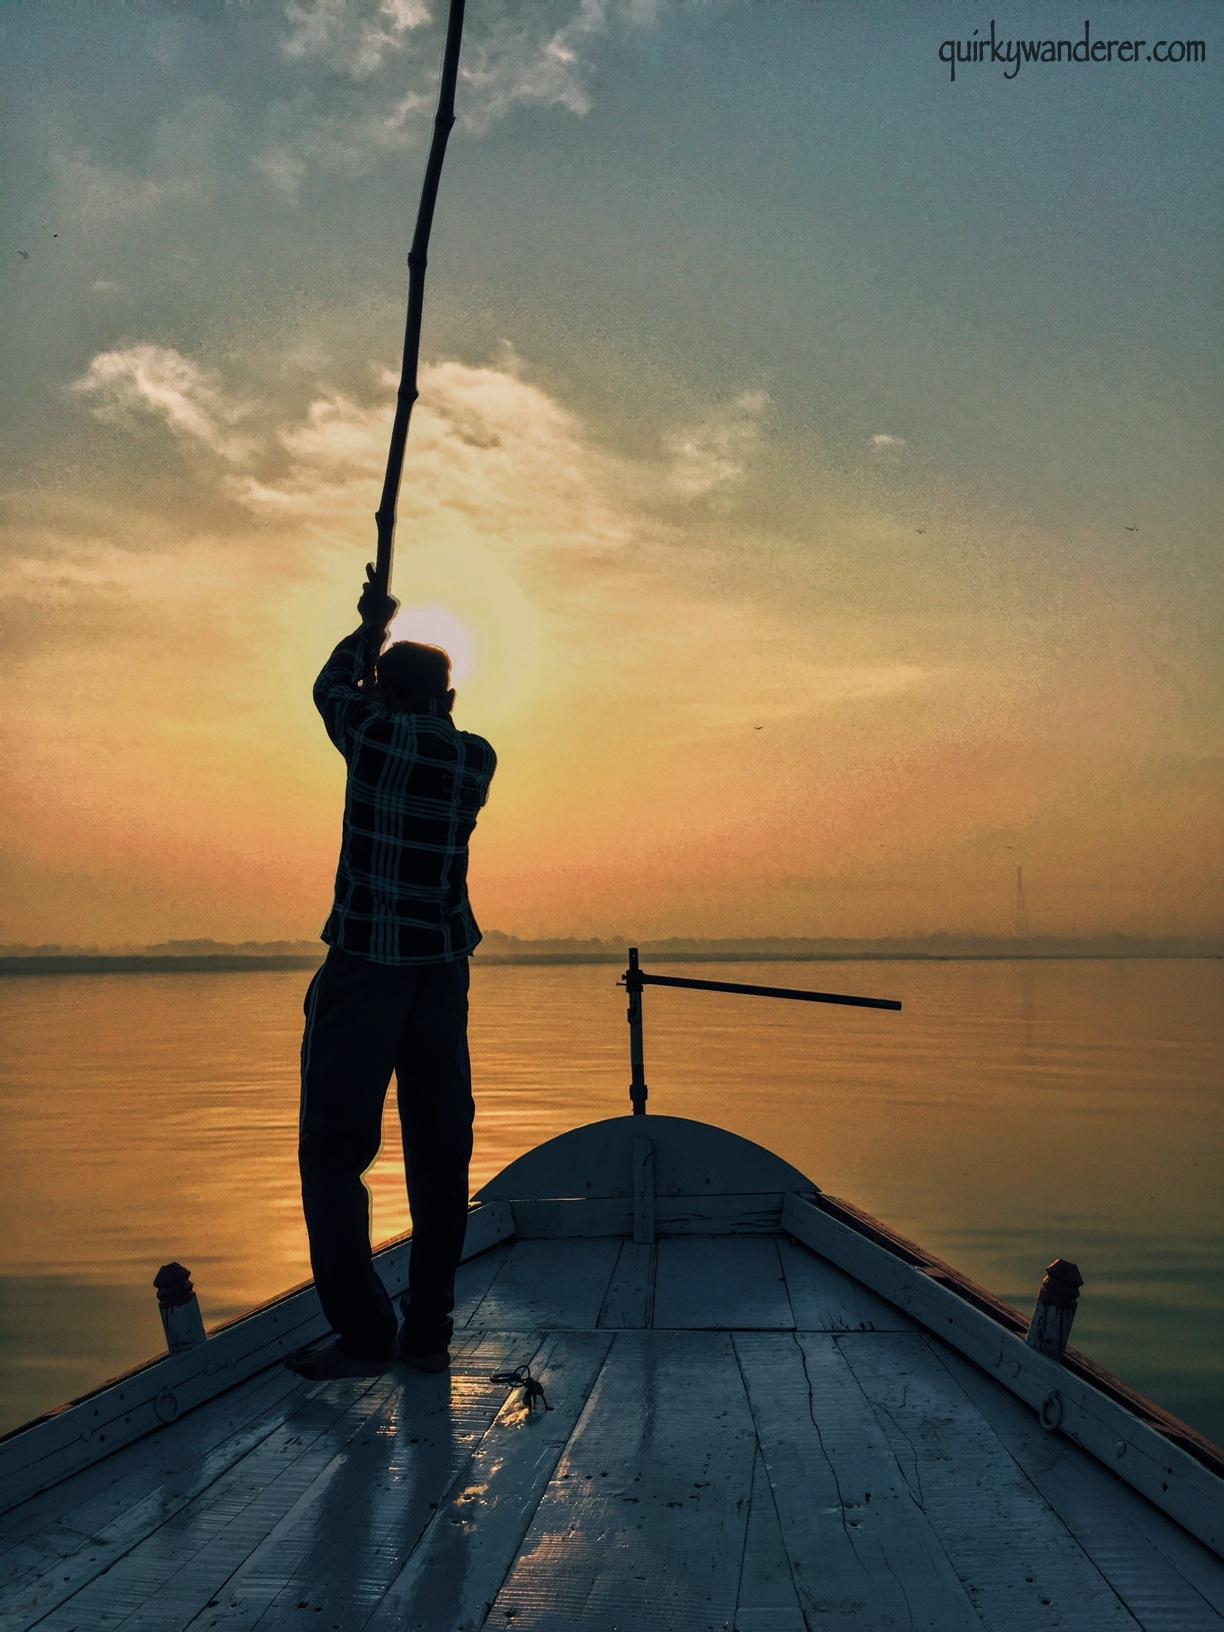 Boatman and the Ganga